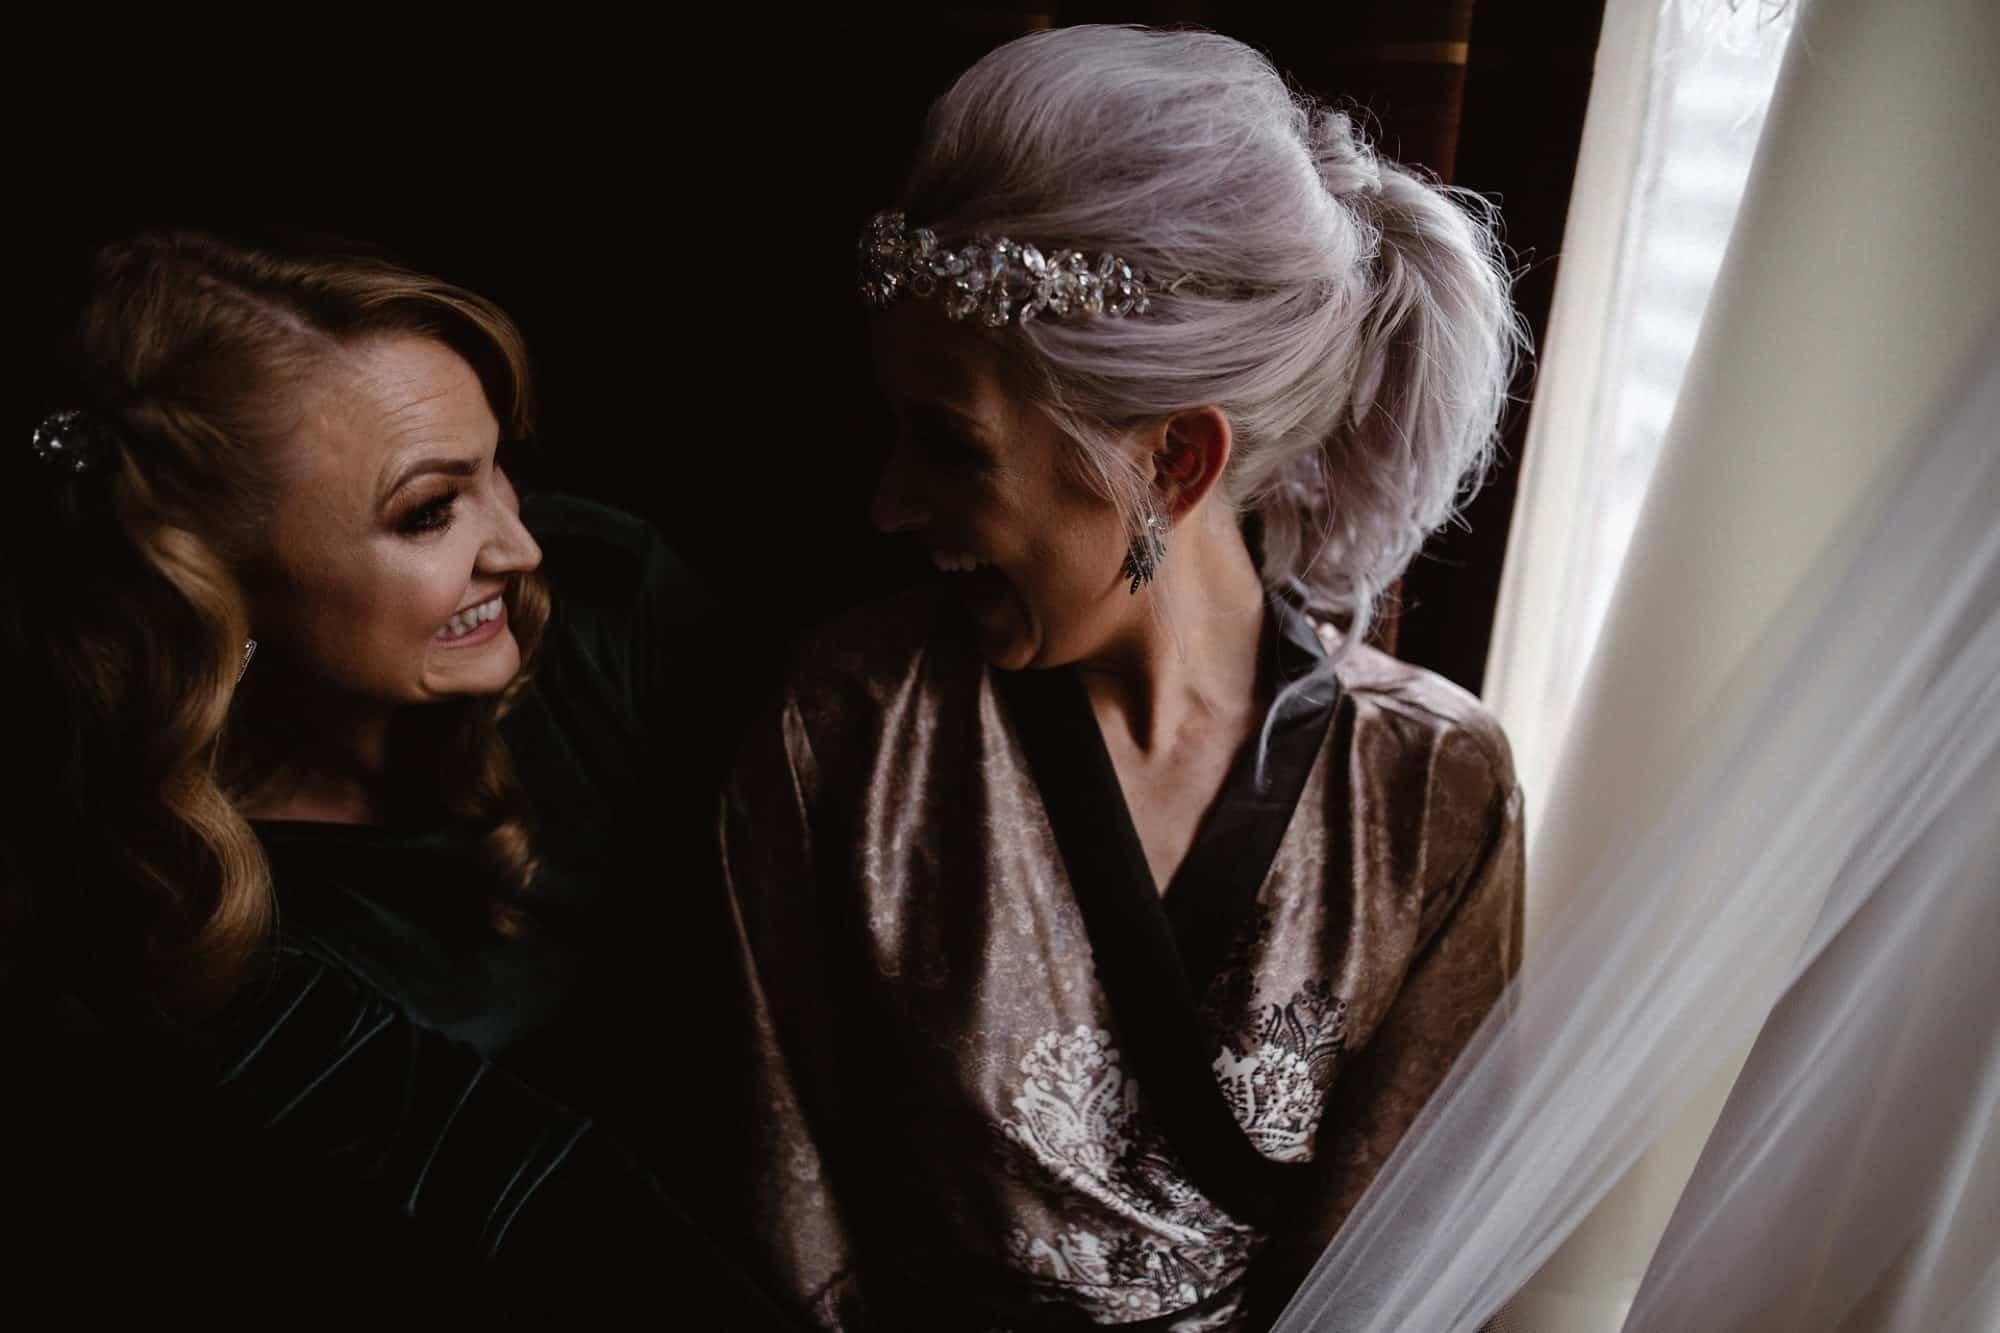 Bride and bridesmaid looking at the wedding dress